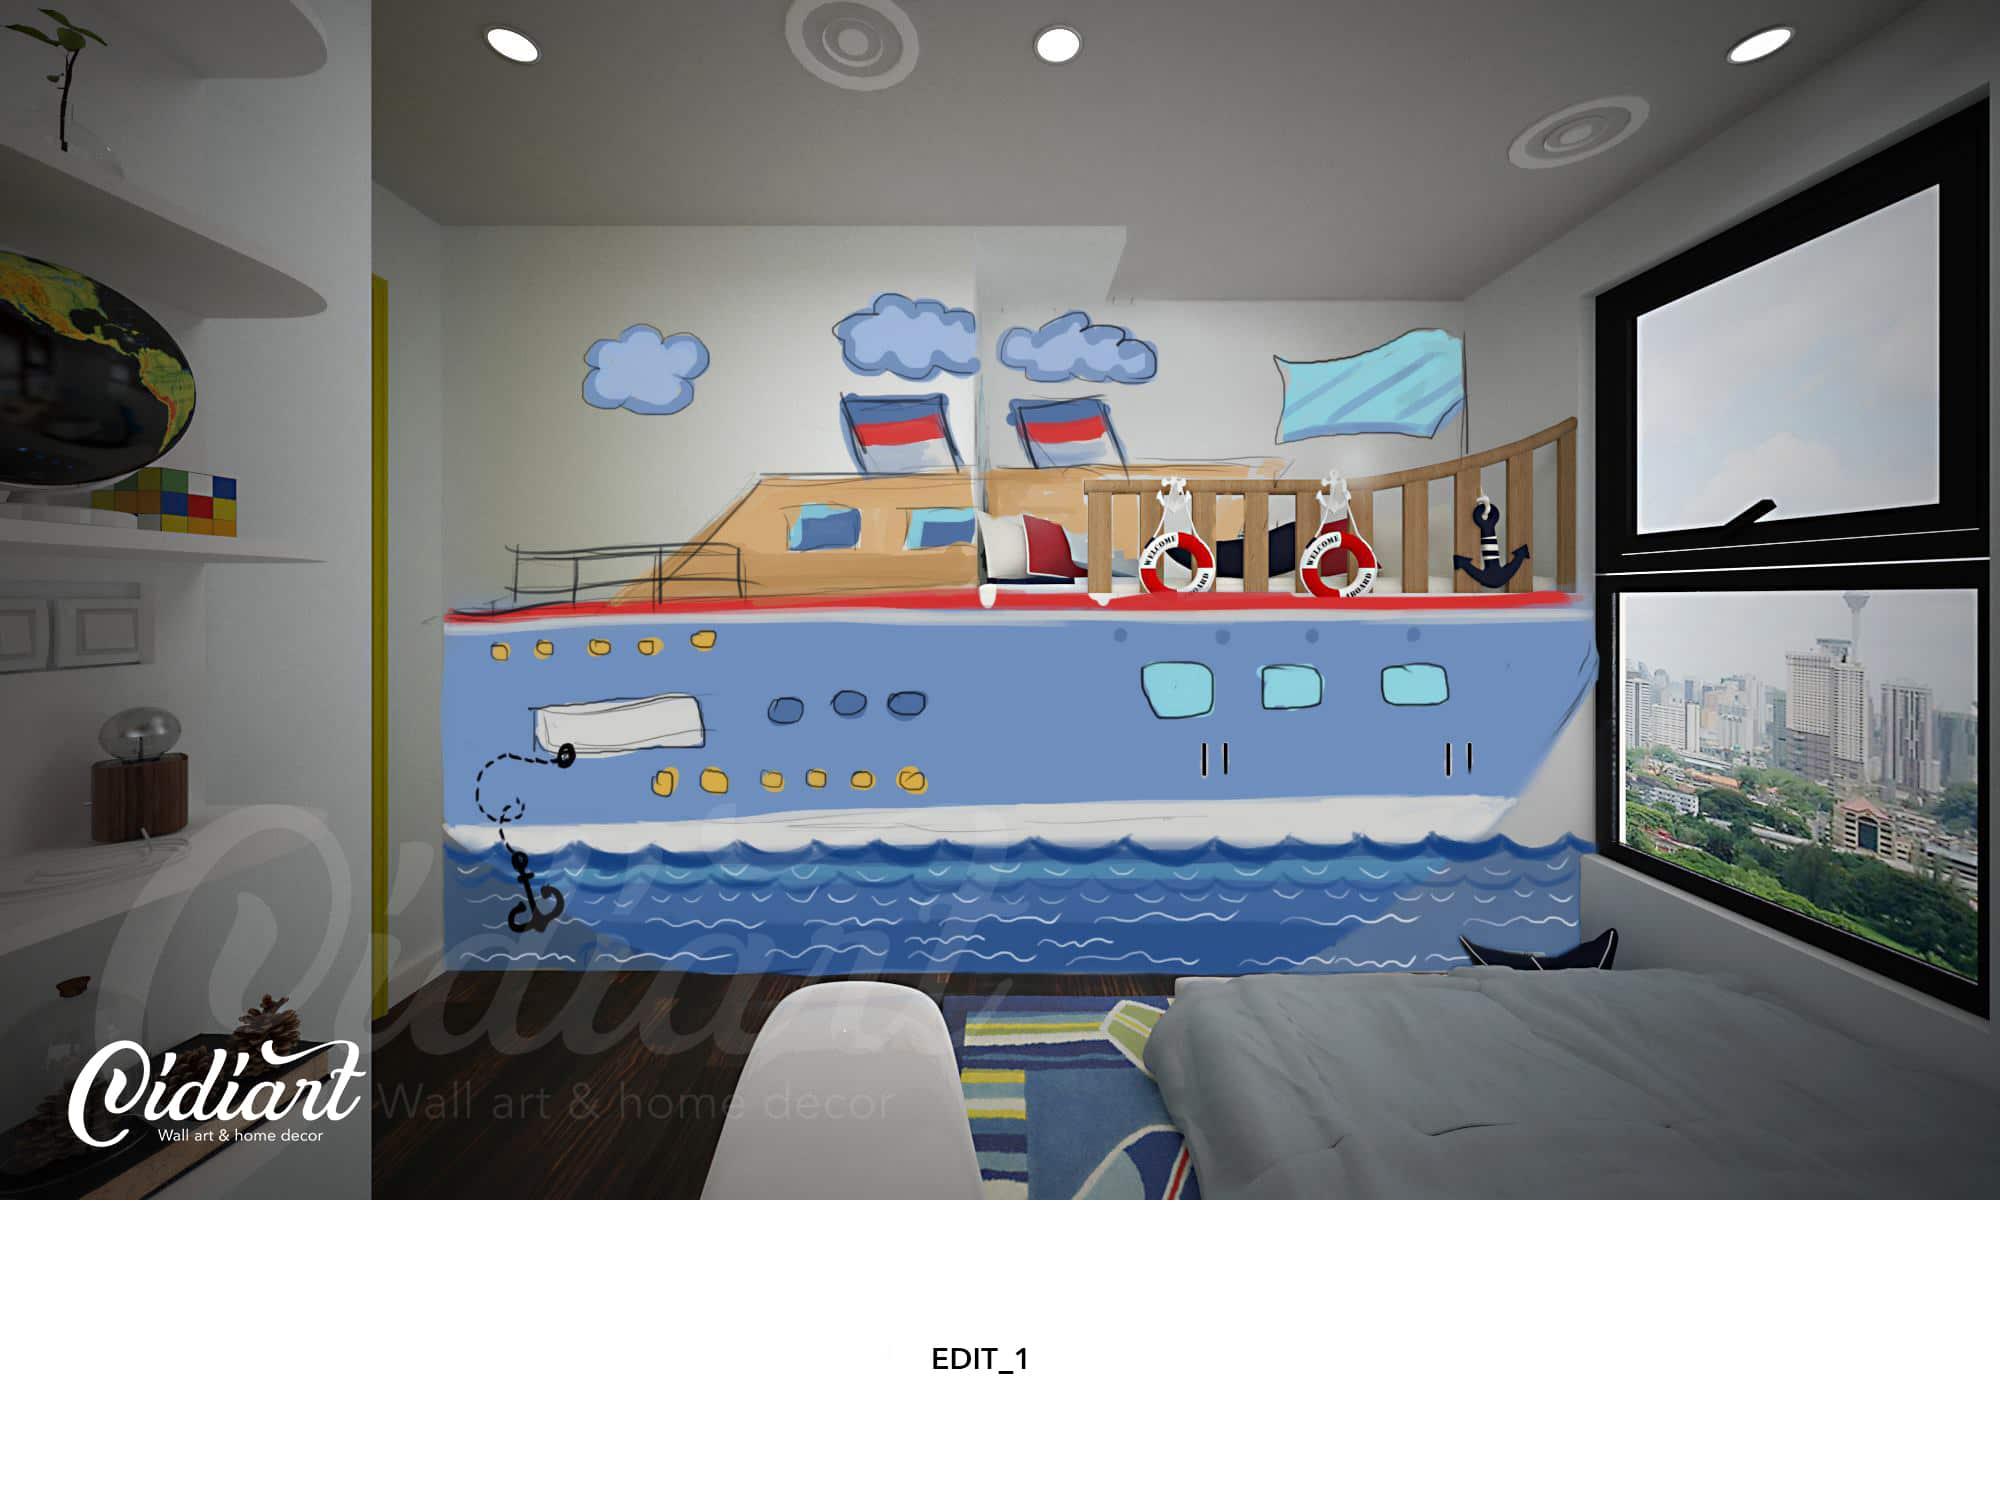 Phòng đọc sách cho bé với ý tưởng độc đáo - Đại dương kiến thức <3 14